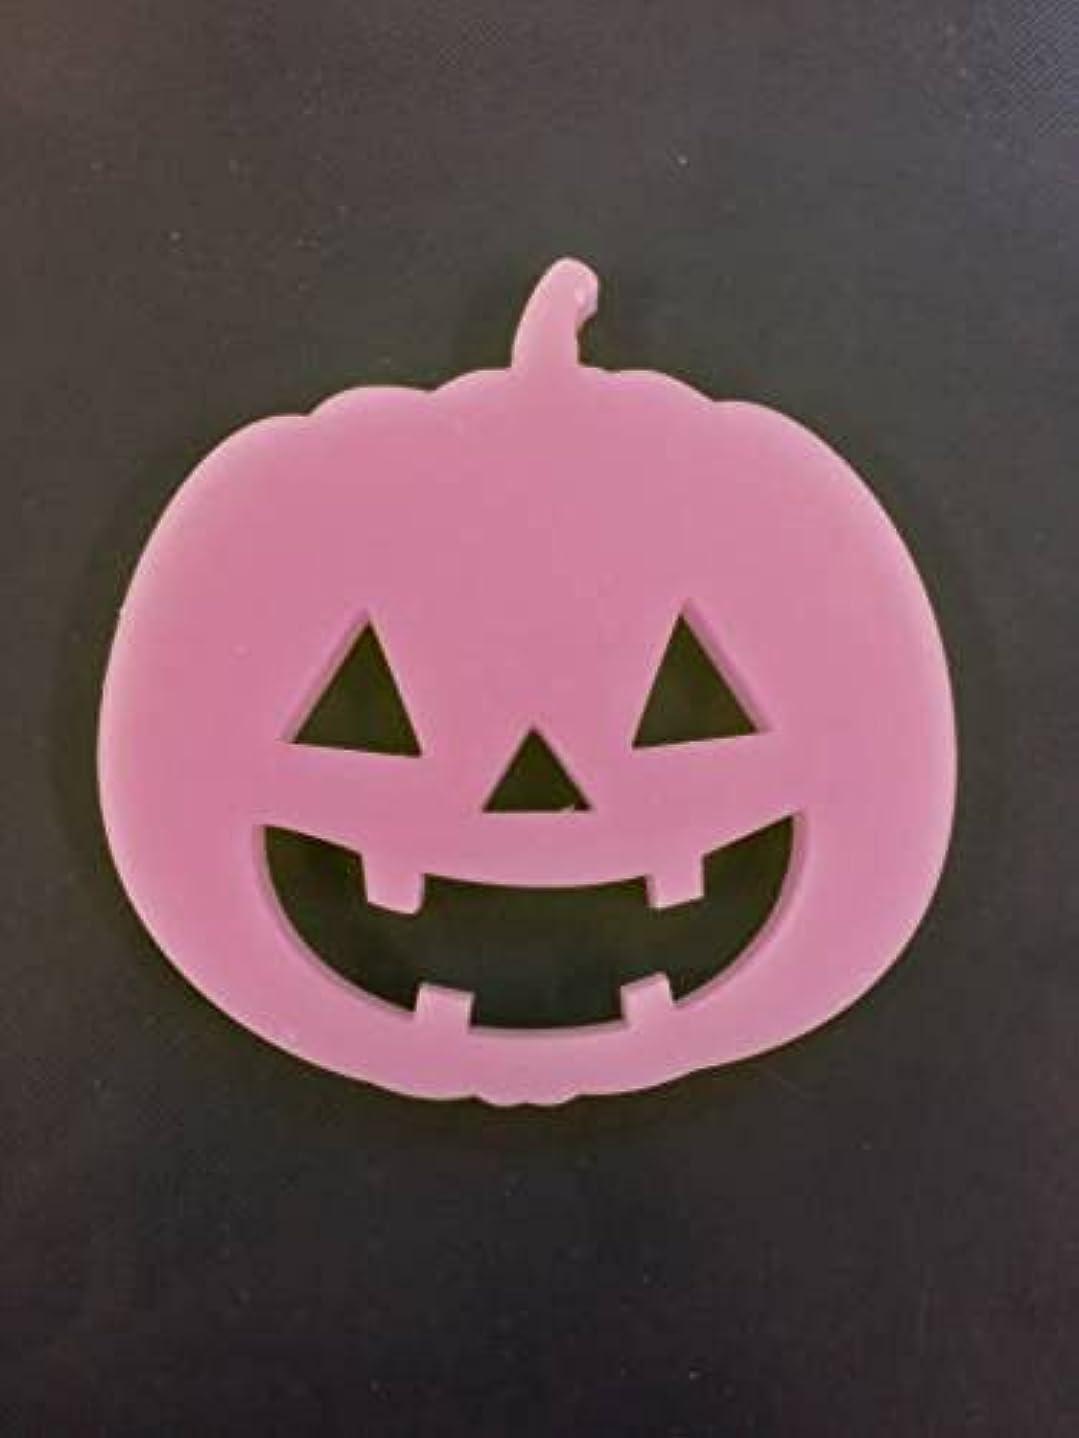 援助きつくバナナGRASSE TOKYO AROMATICWAXチャーム「ハロウィンかぼちゃ」(PI) ゼラニウム アロマティックワックス グラーストウキョウ